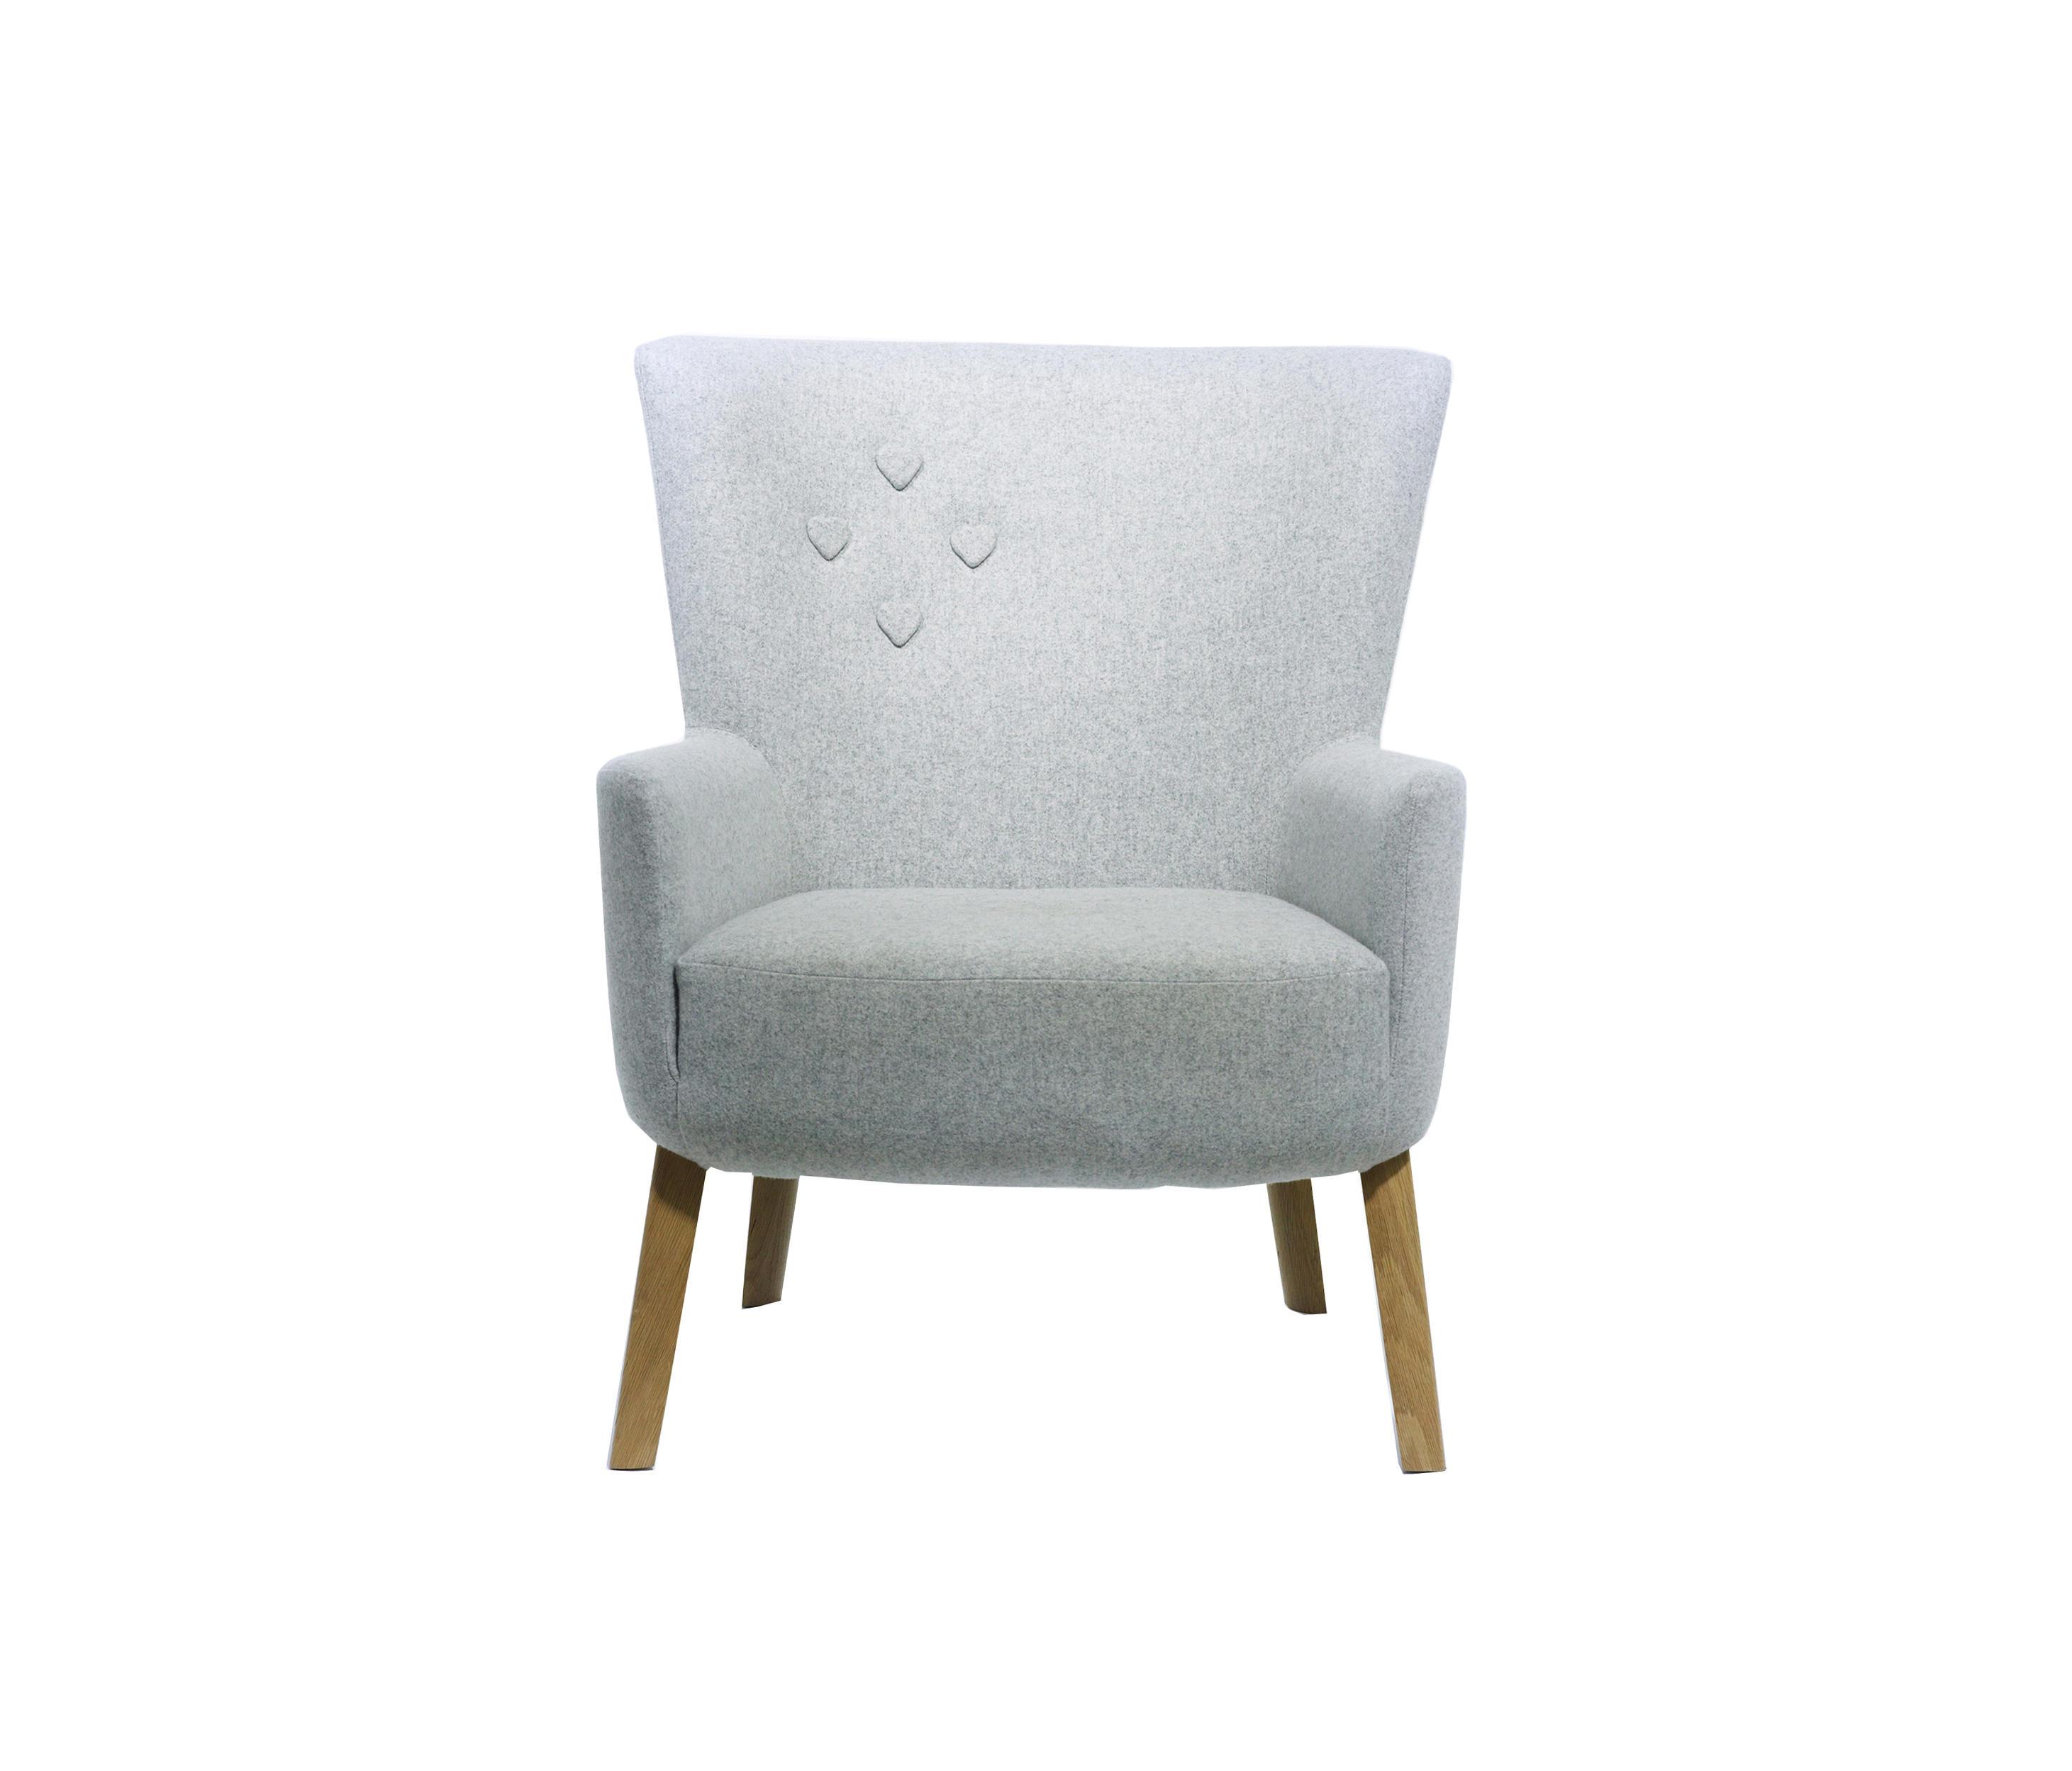 Love Chair By Deadgood